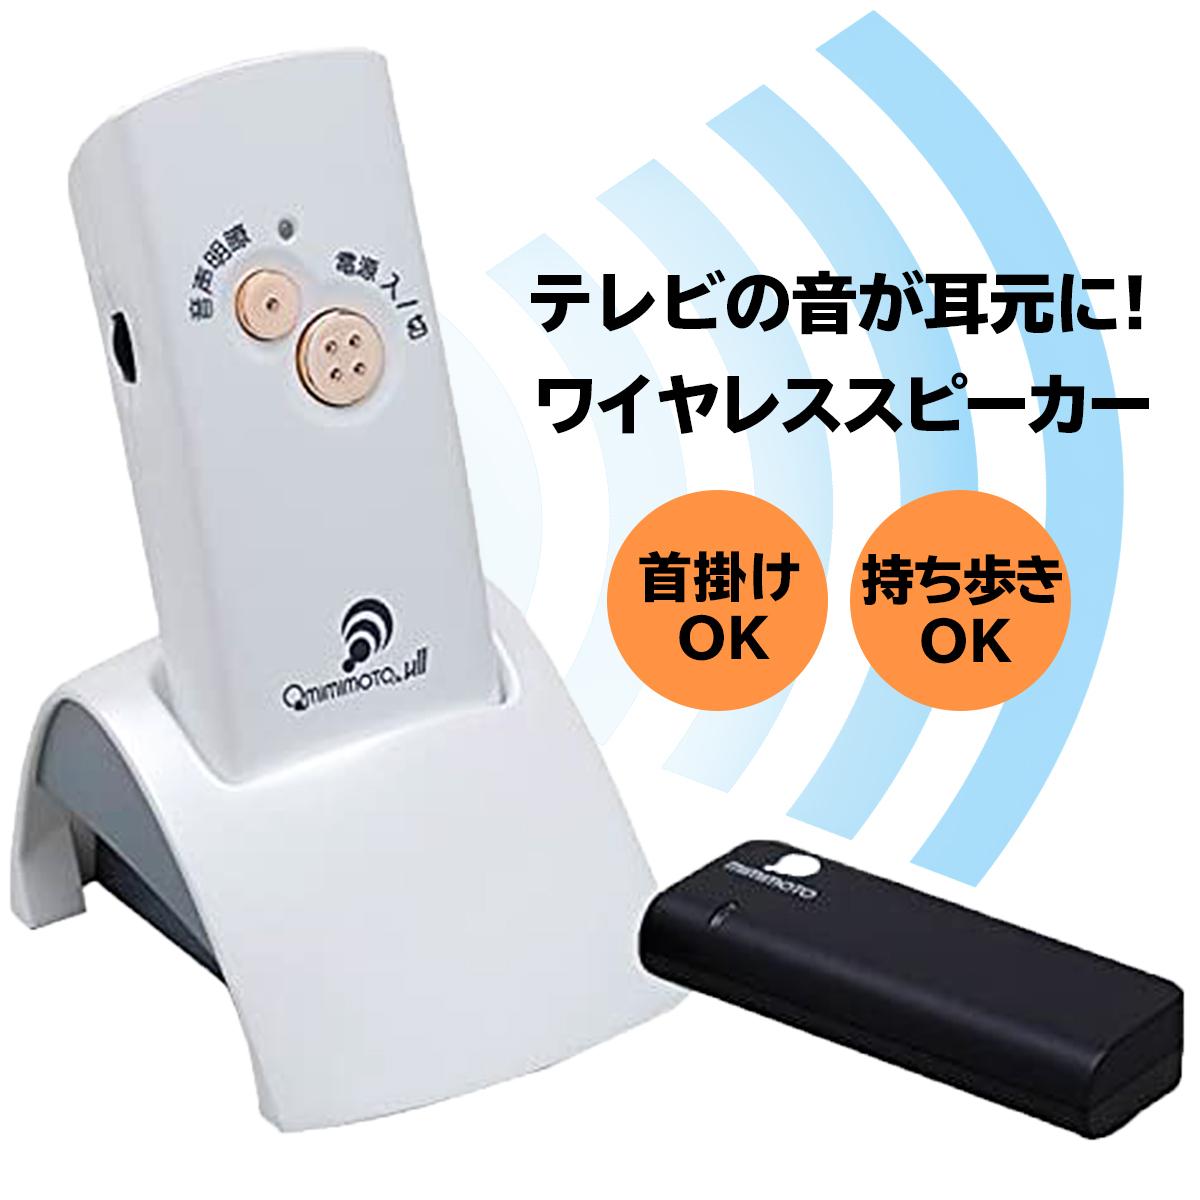 軽量でコンパクトな携帯型 首掛けタイプの耳元スピーカー 訳ありセール スピード対応 全国送料無料 格安 テレビの音声がはっきり耳もとへ みみもとくんμ エムケー精工 ワイヤレススピーカーシステム CS-60G ミューツー